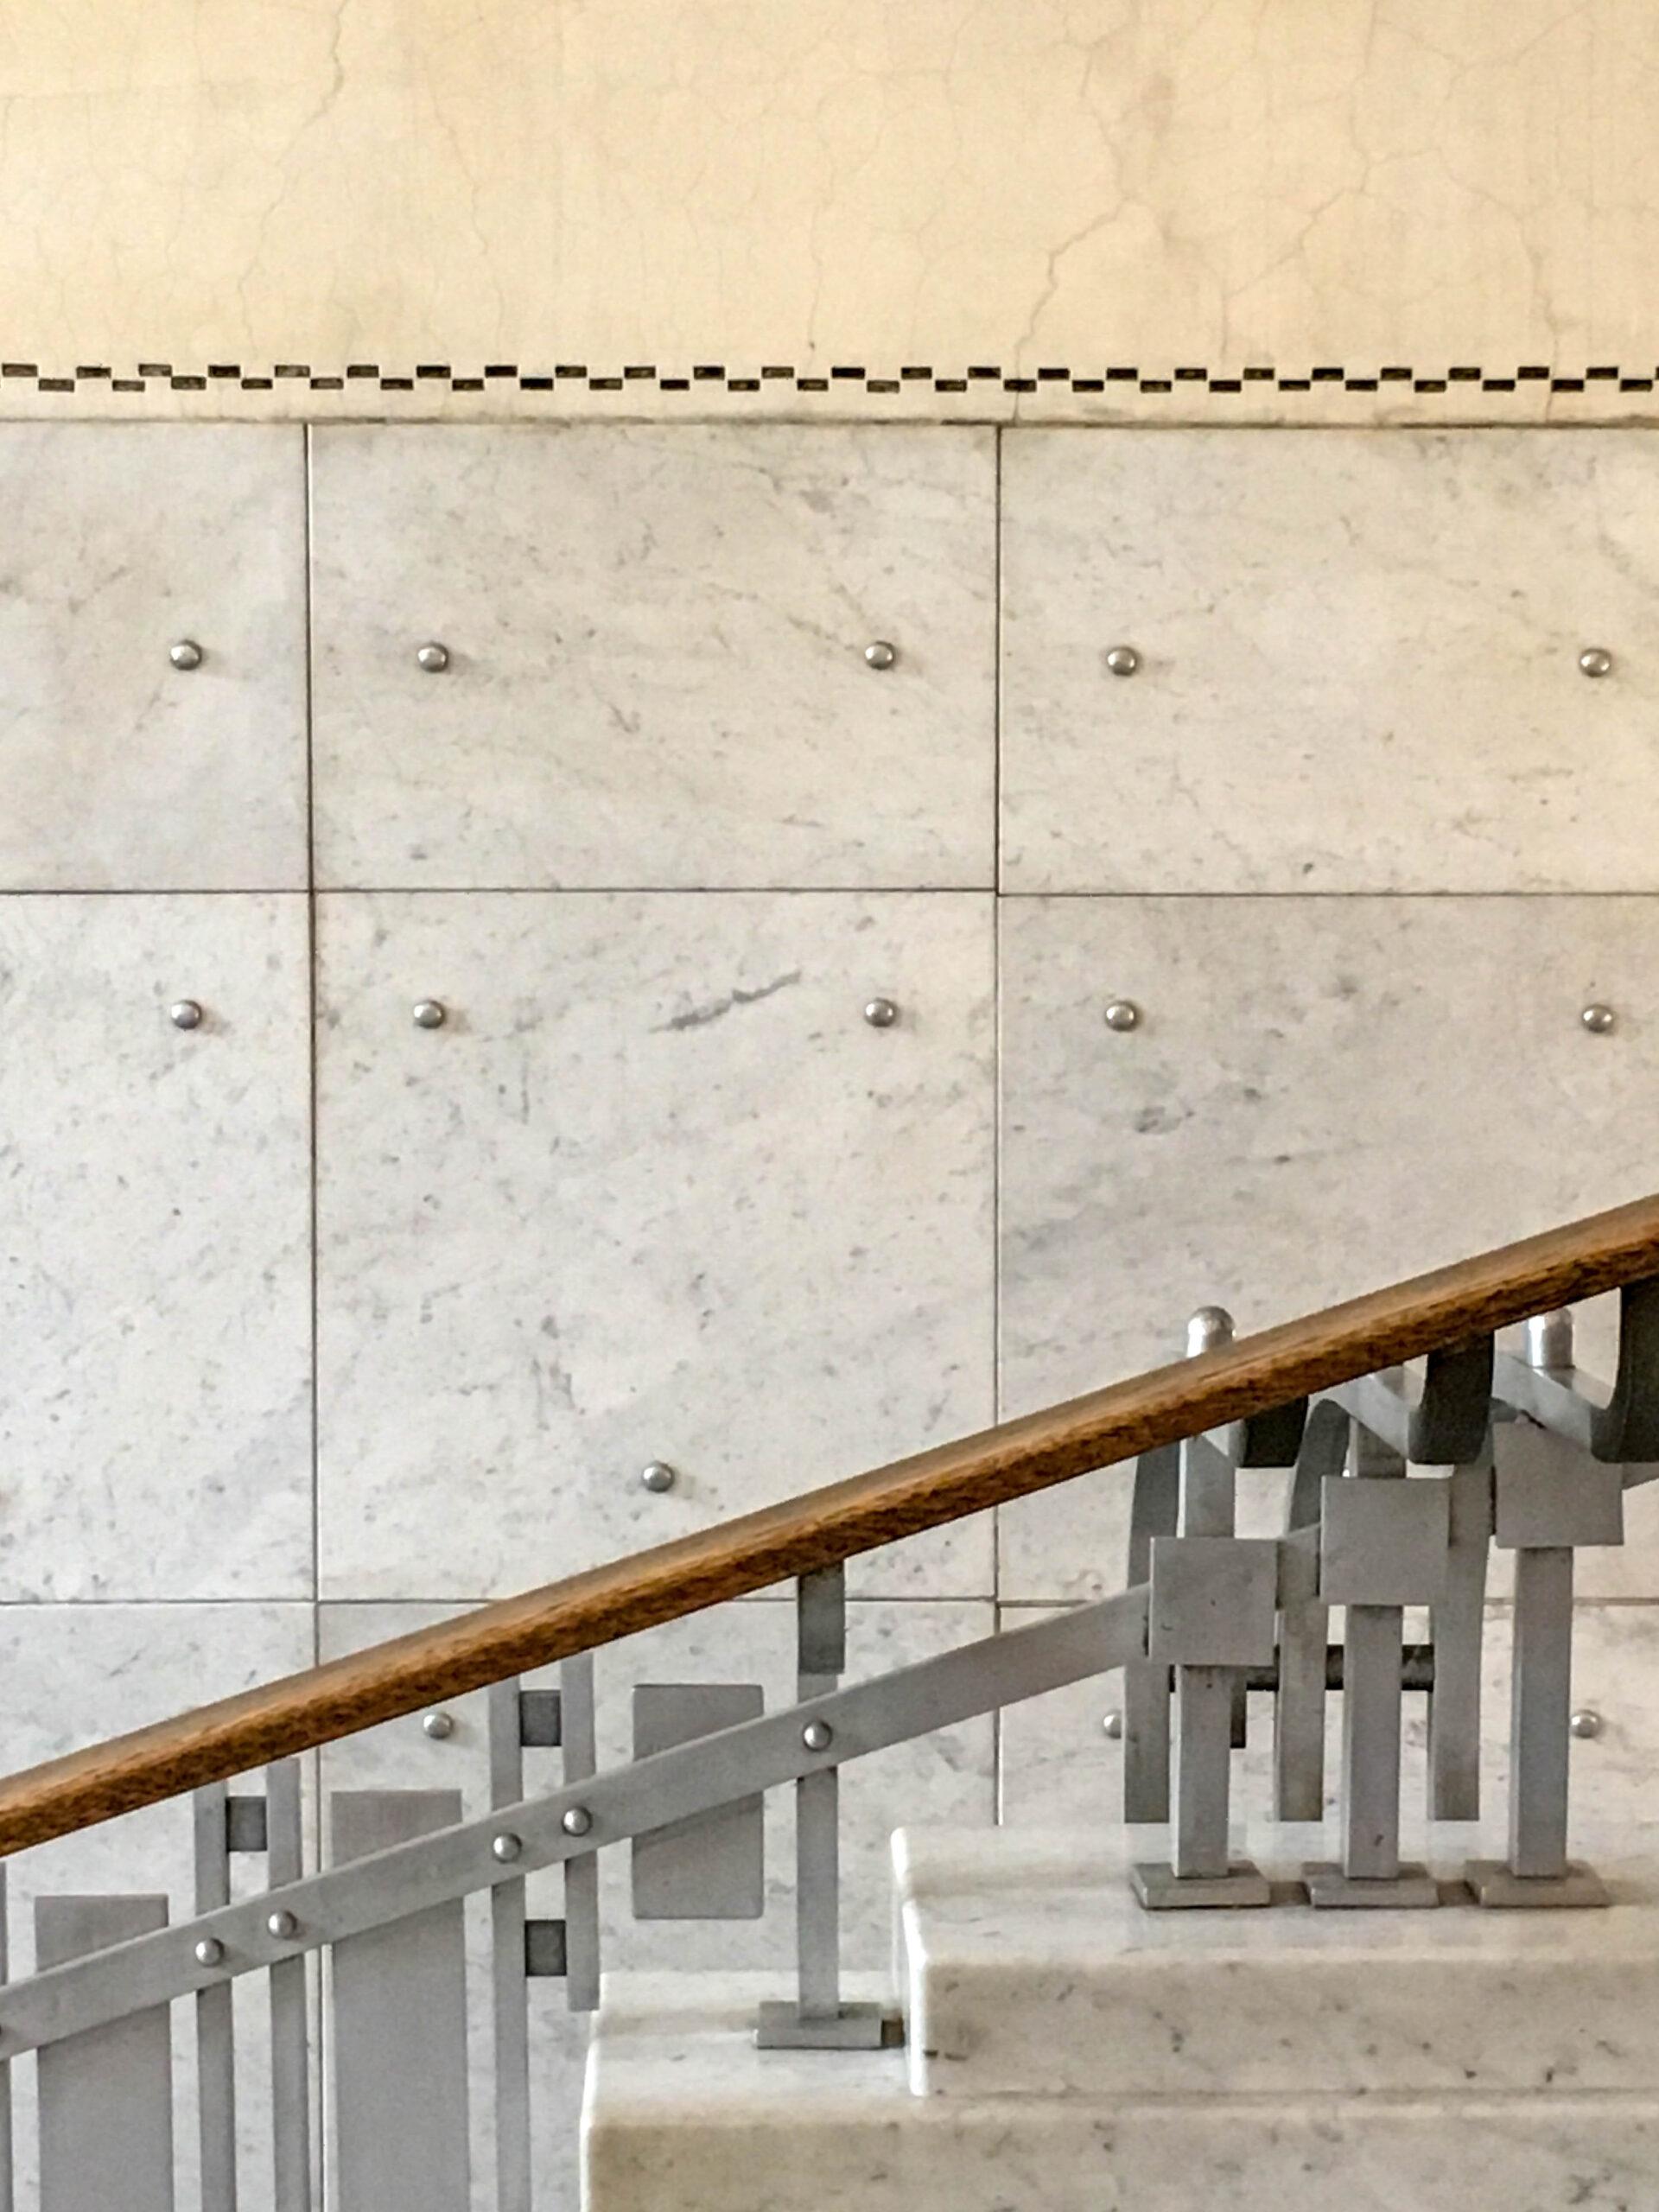 Postsparkasse, 1904-1912. Architekt: Otto Wagner